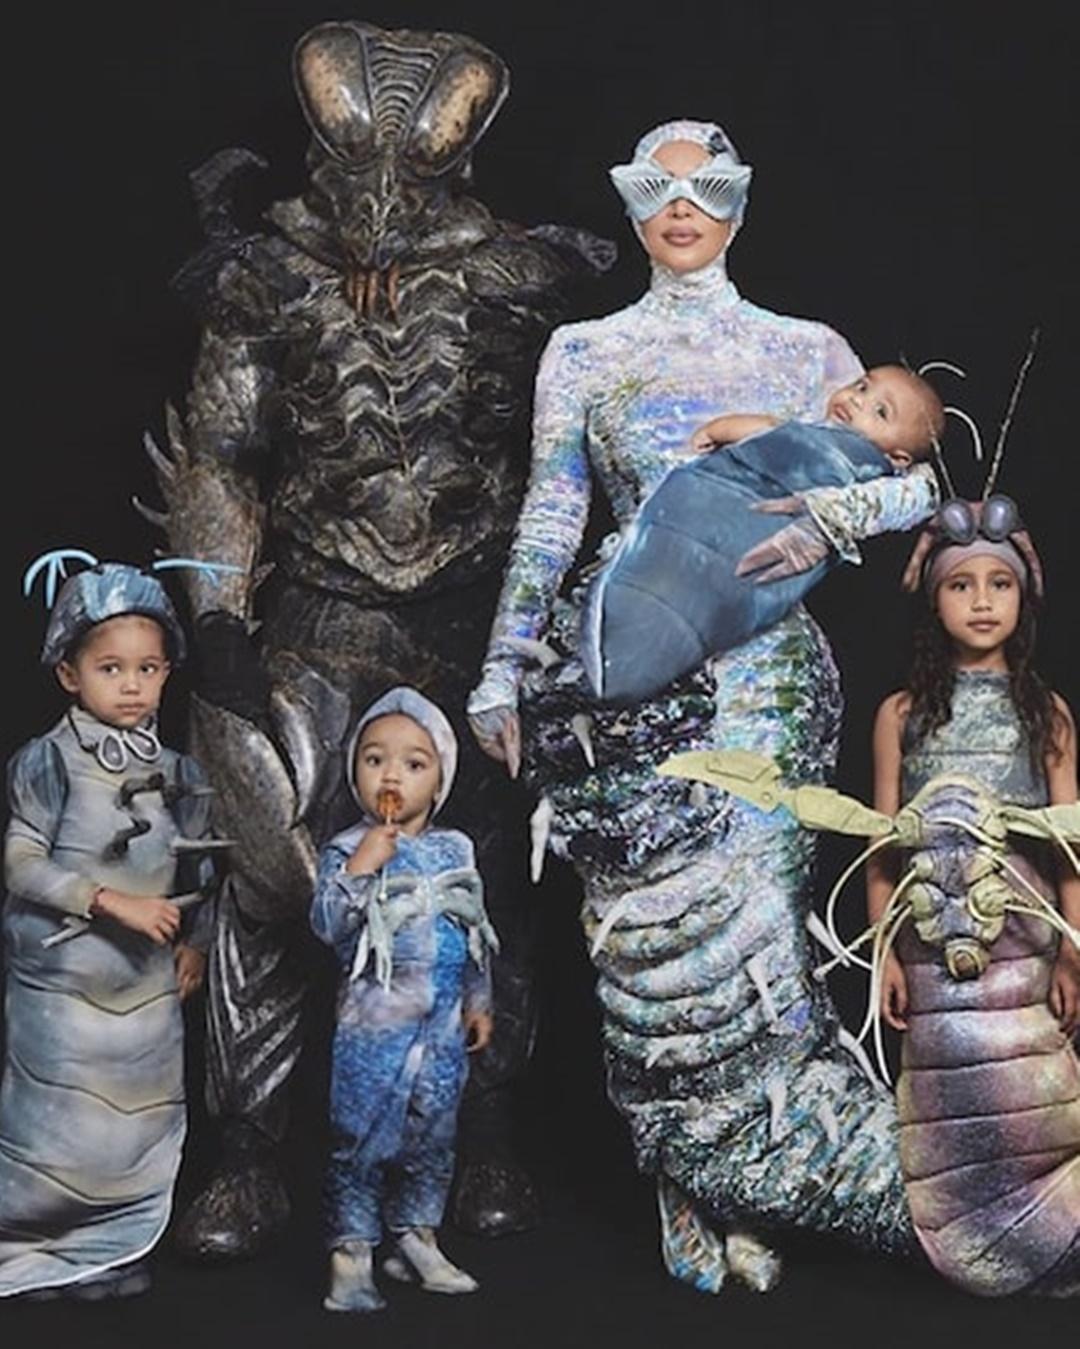 inspirações para Halloween: Kanye West e família fantasiados de vermes